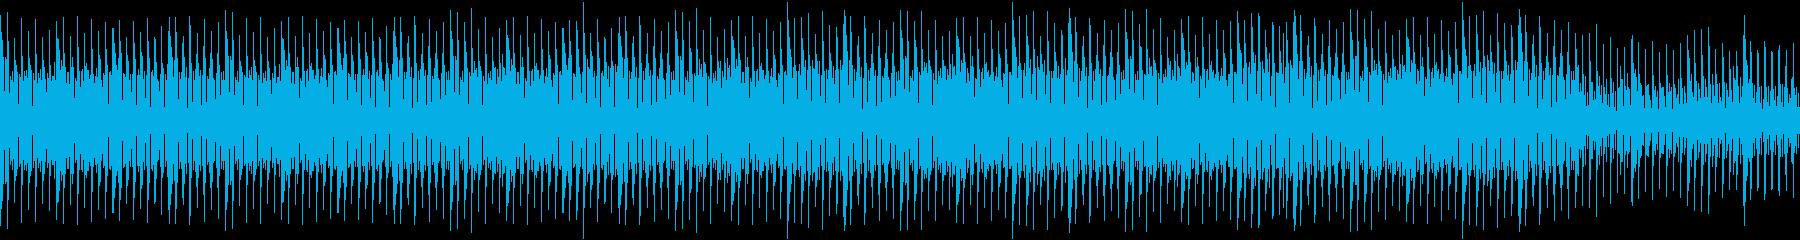 マリンバとピアノの大人しいループ曲の再生済みの波形